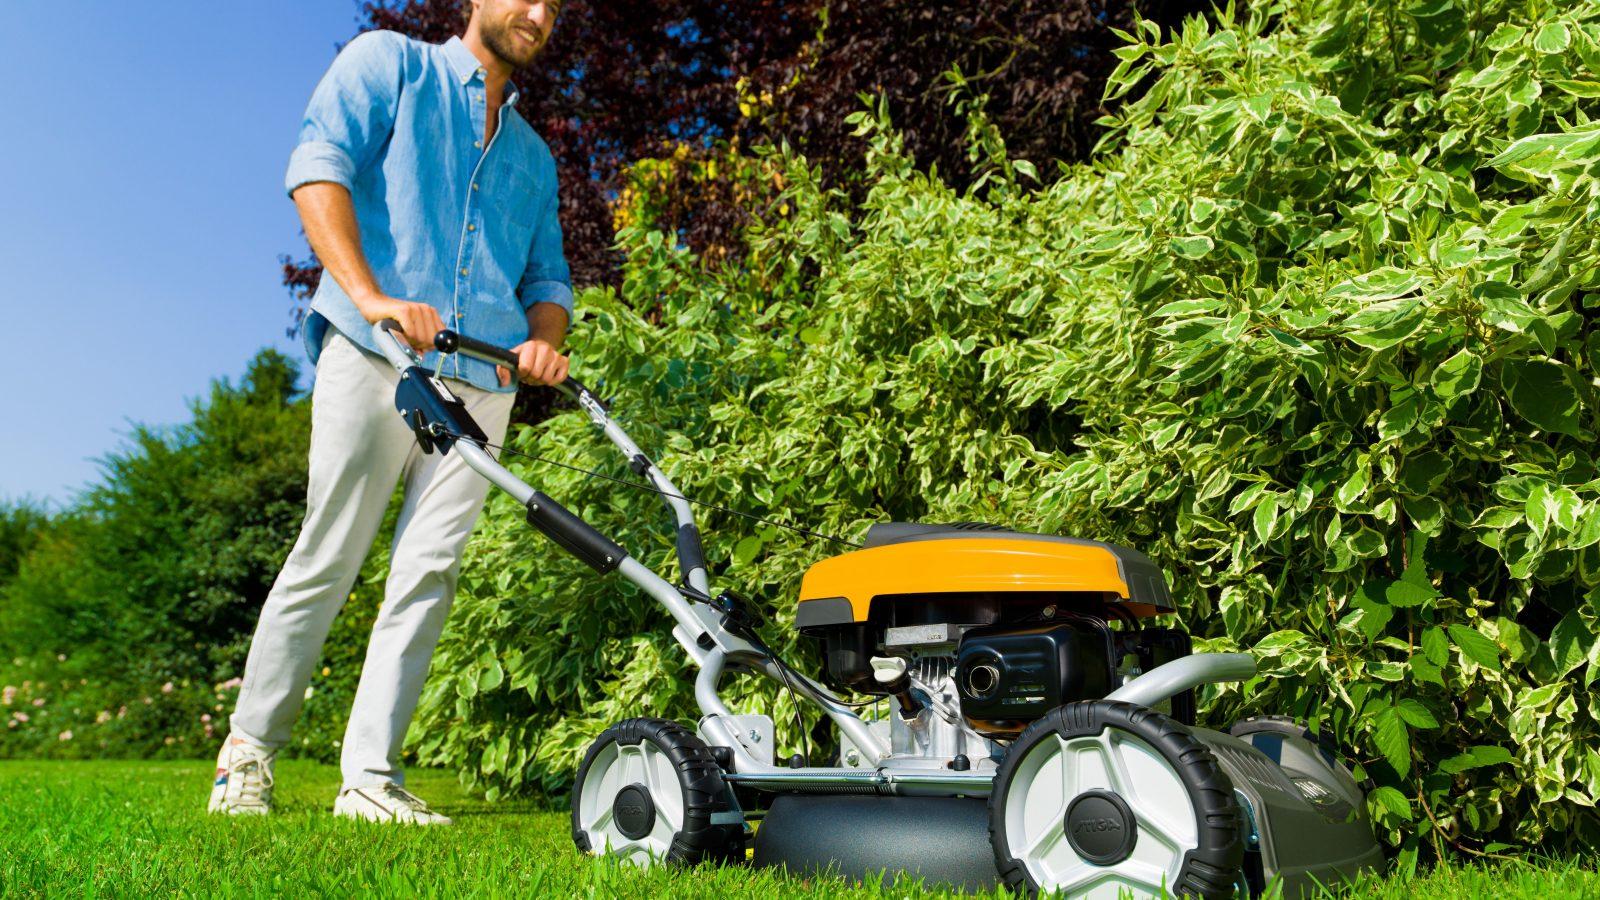 5 trinn til sommerklar gressklipper med motor